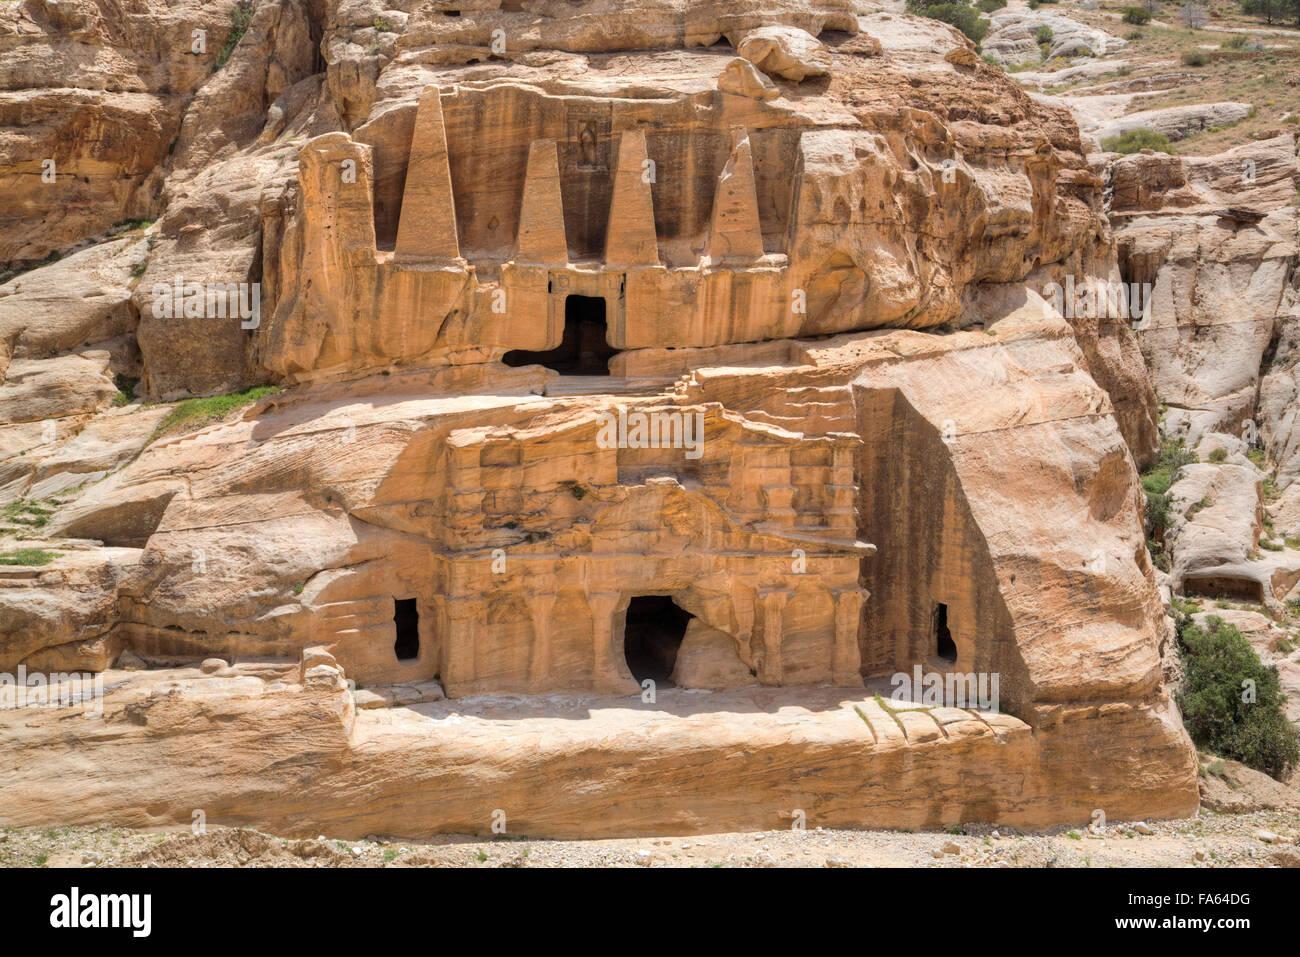 Structure supérieure tombe (obélisque), Bab comme-Sig Triclinium (Structure inférieure), Petra, Jordanie Photo Stock